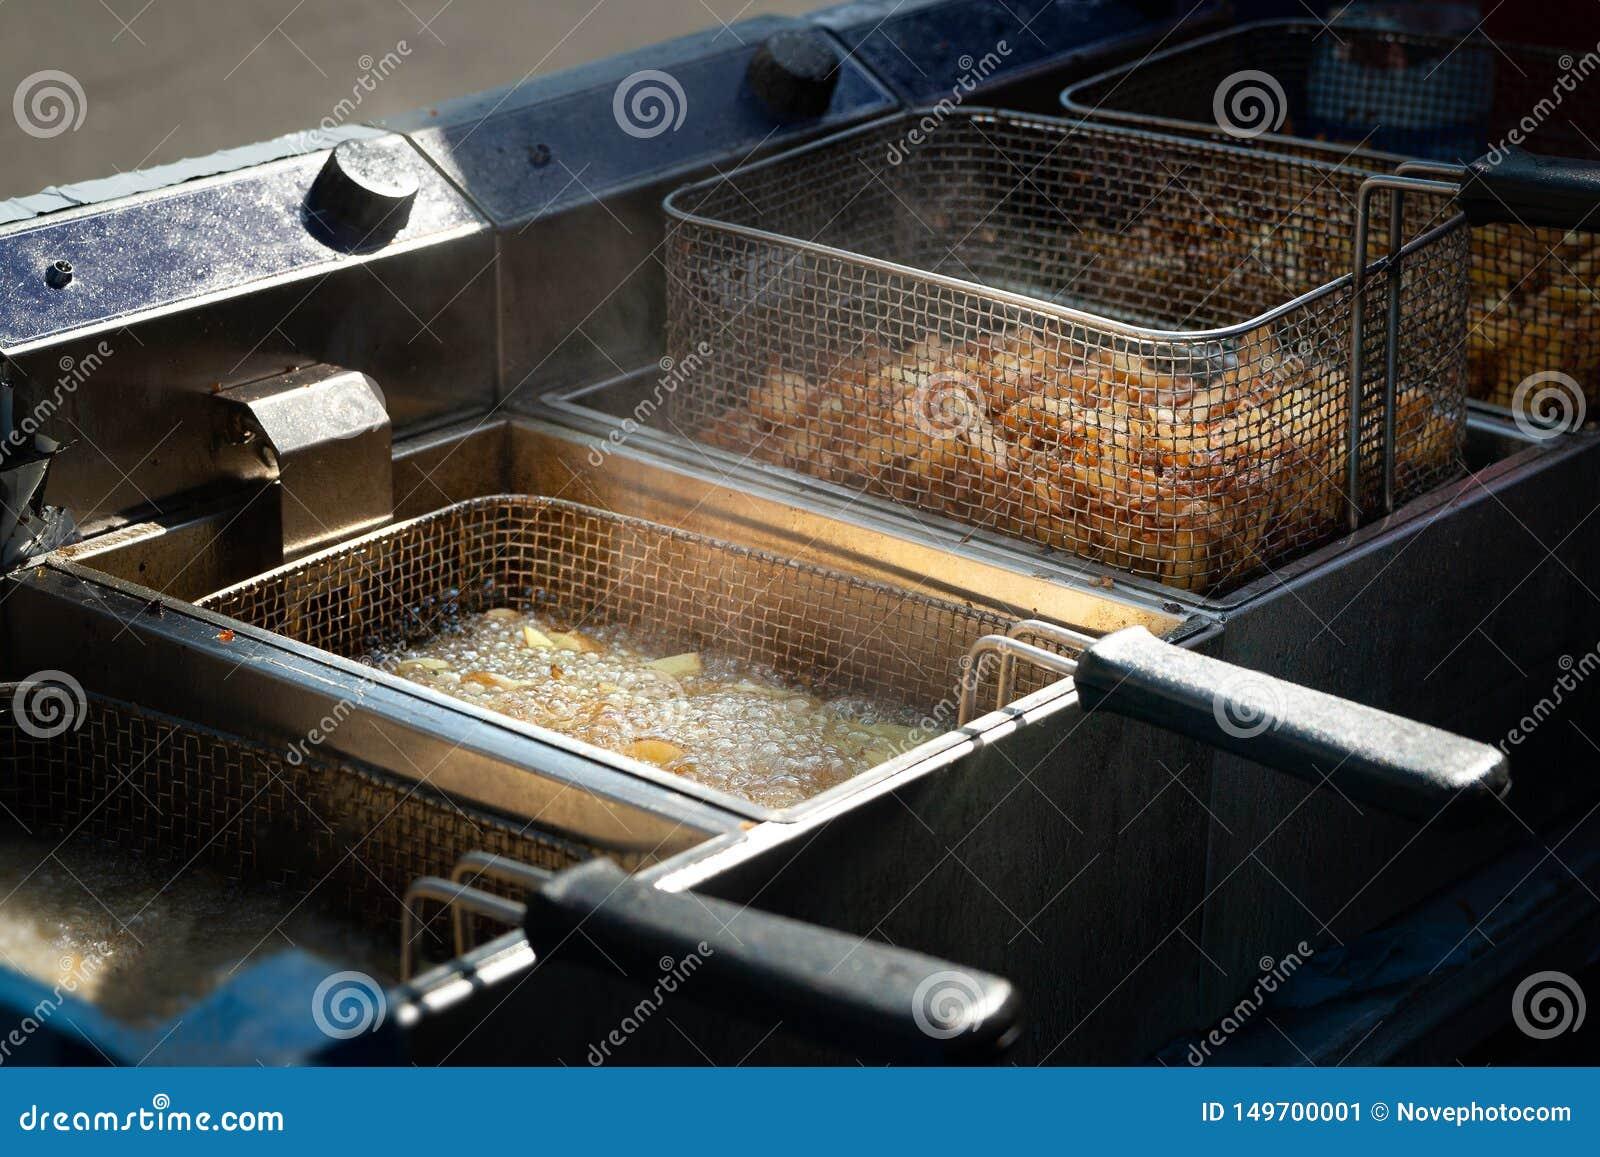 油炸土豆 在炸锅的煮沸的油油煎的薯条